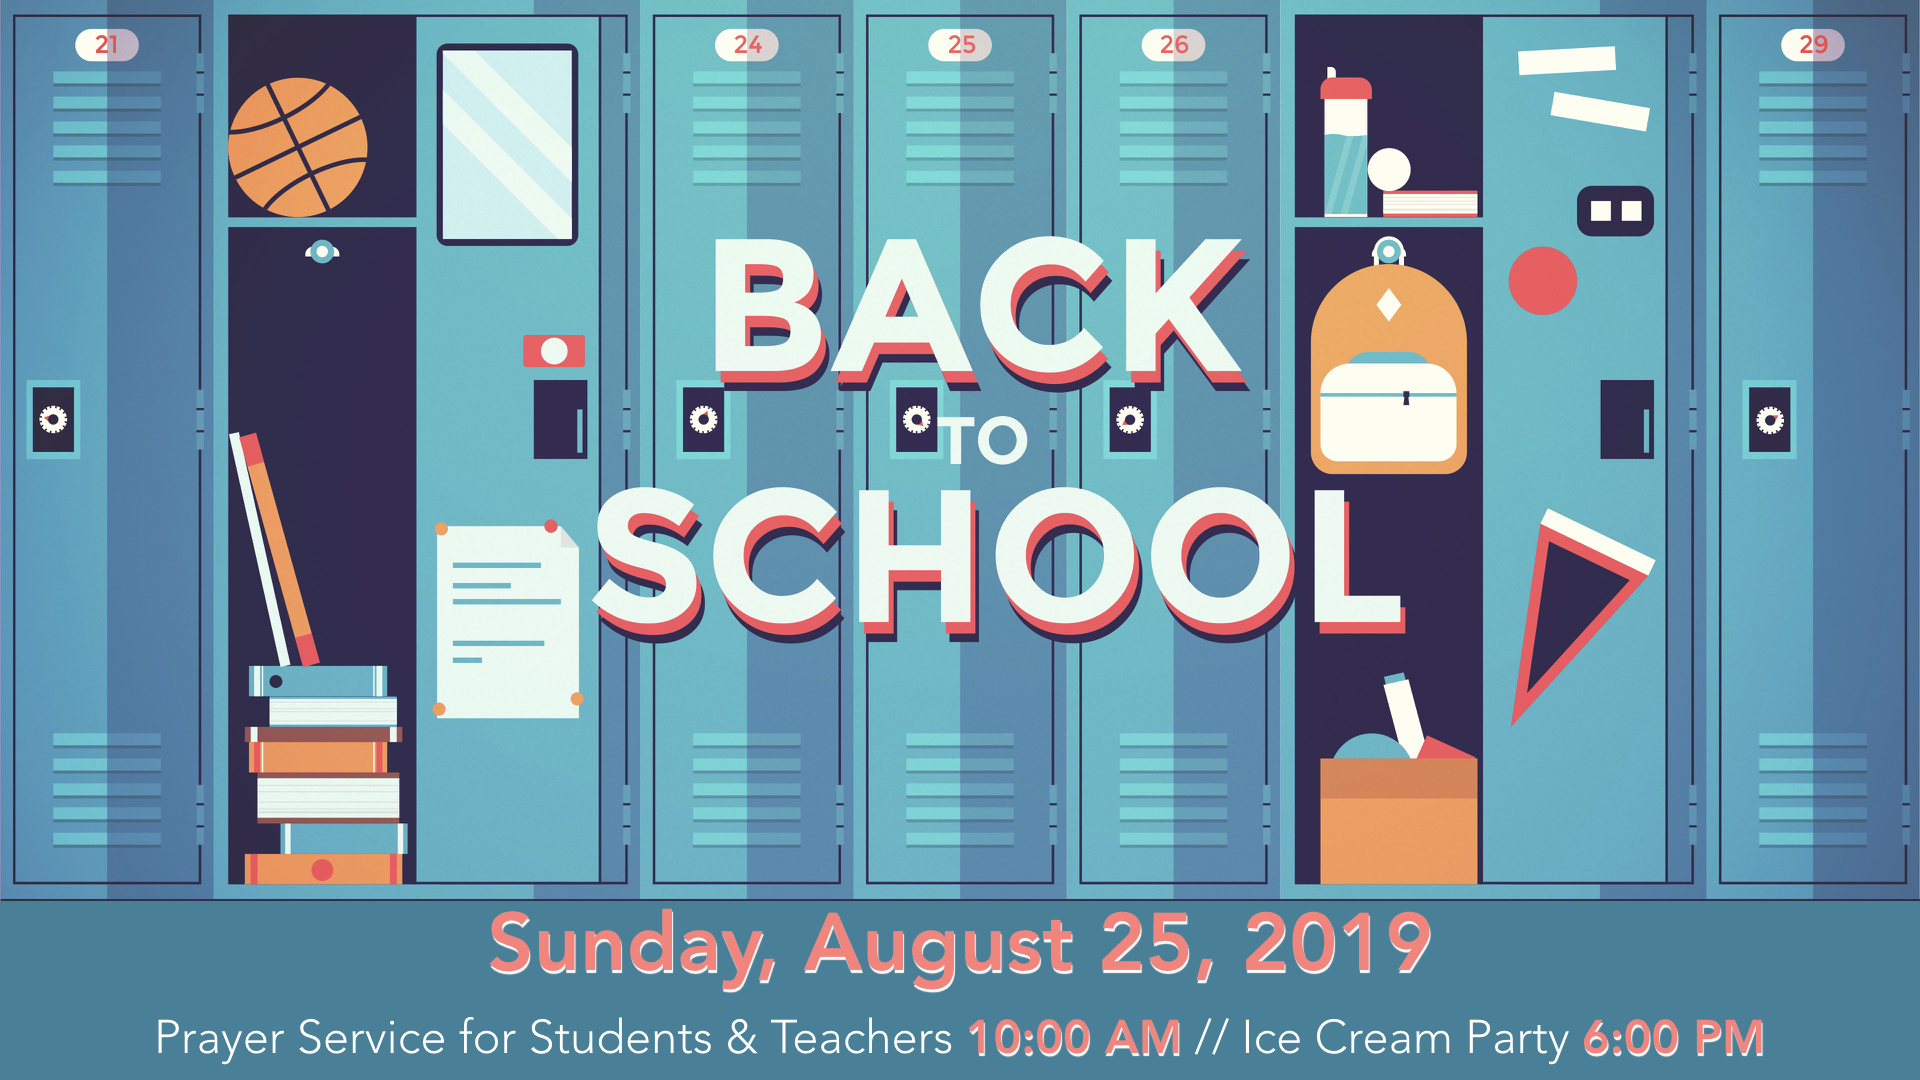 Back to School Sunday Image.001.jpeg.001.jpeg